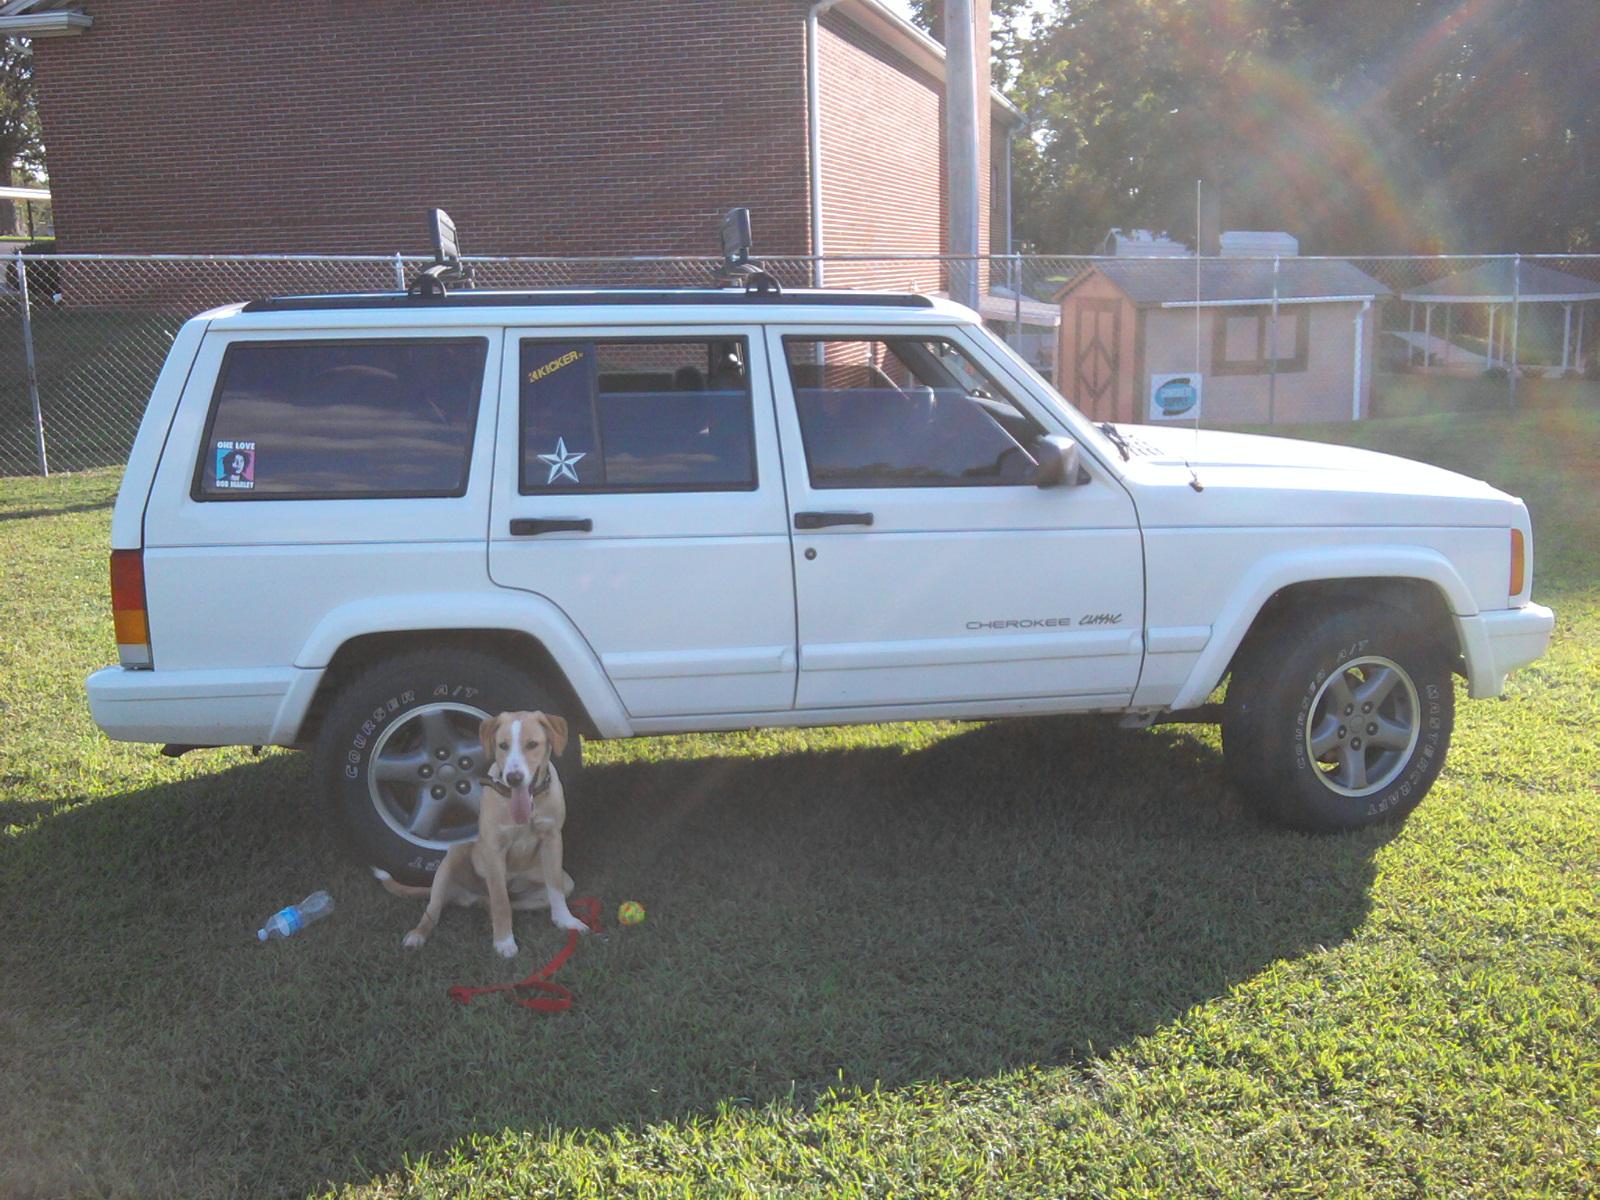 jeep-cherokee-classic-40l-06.jpg